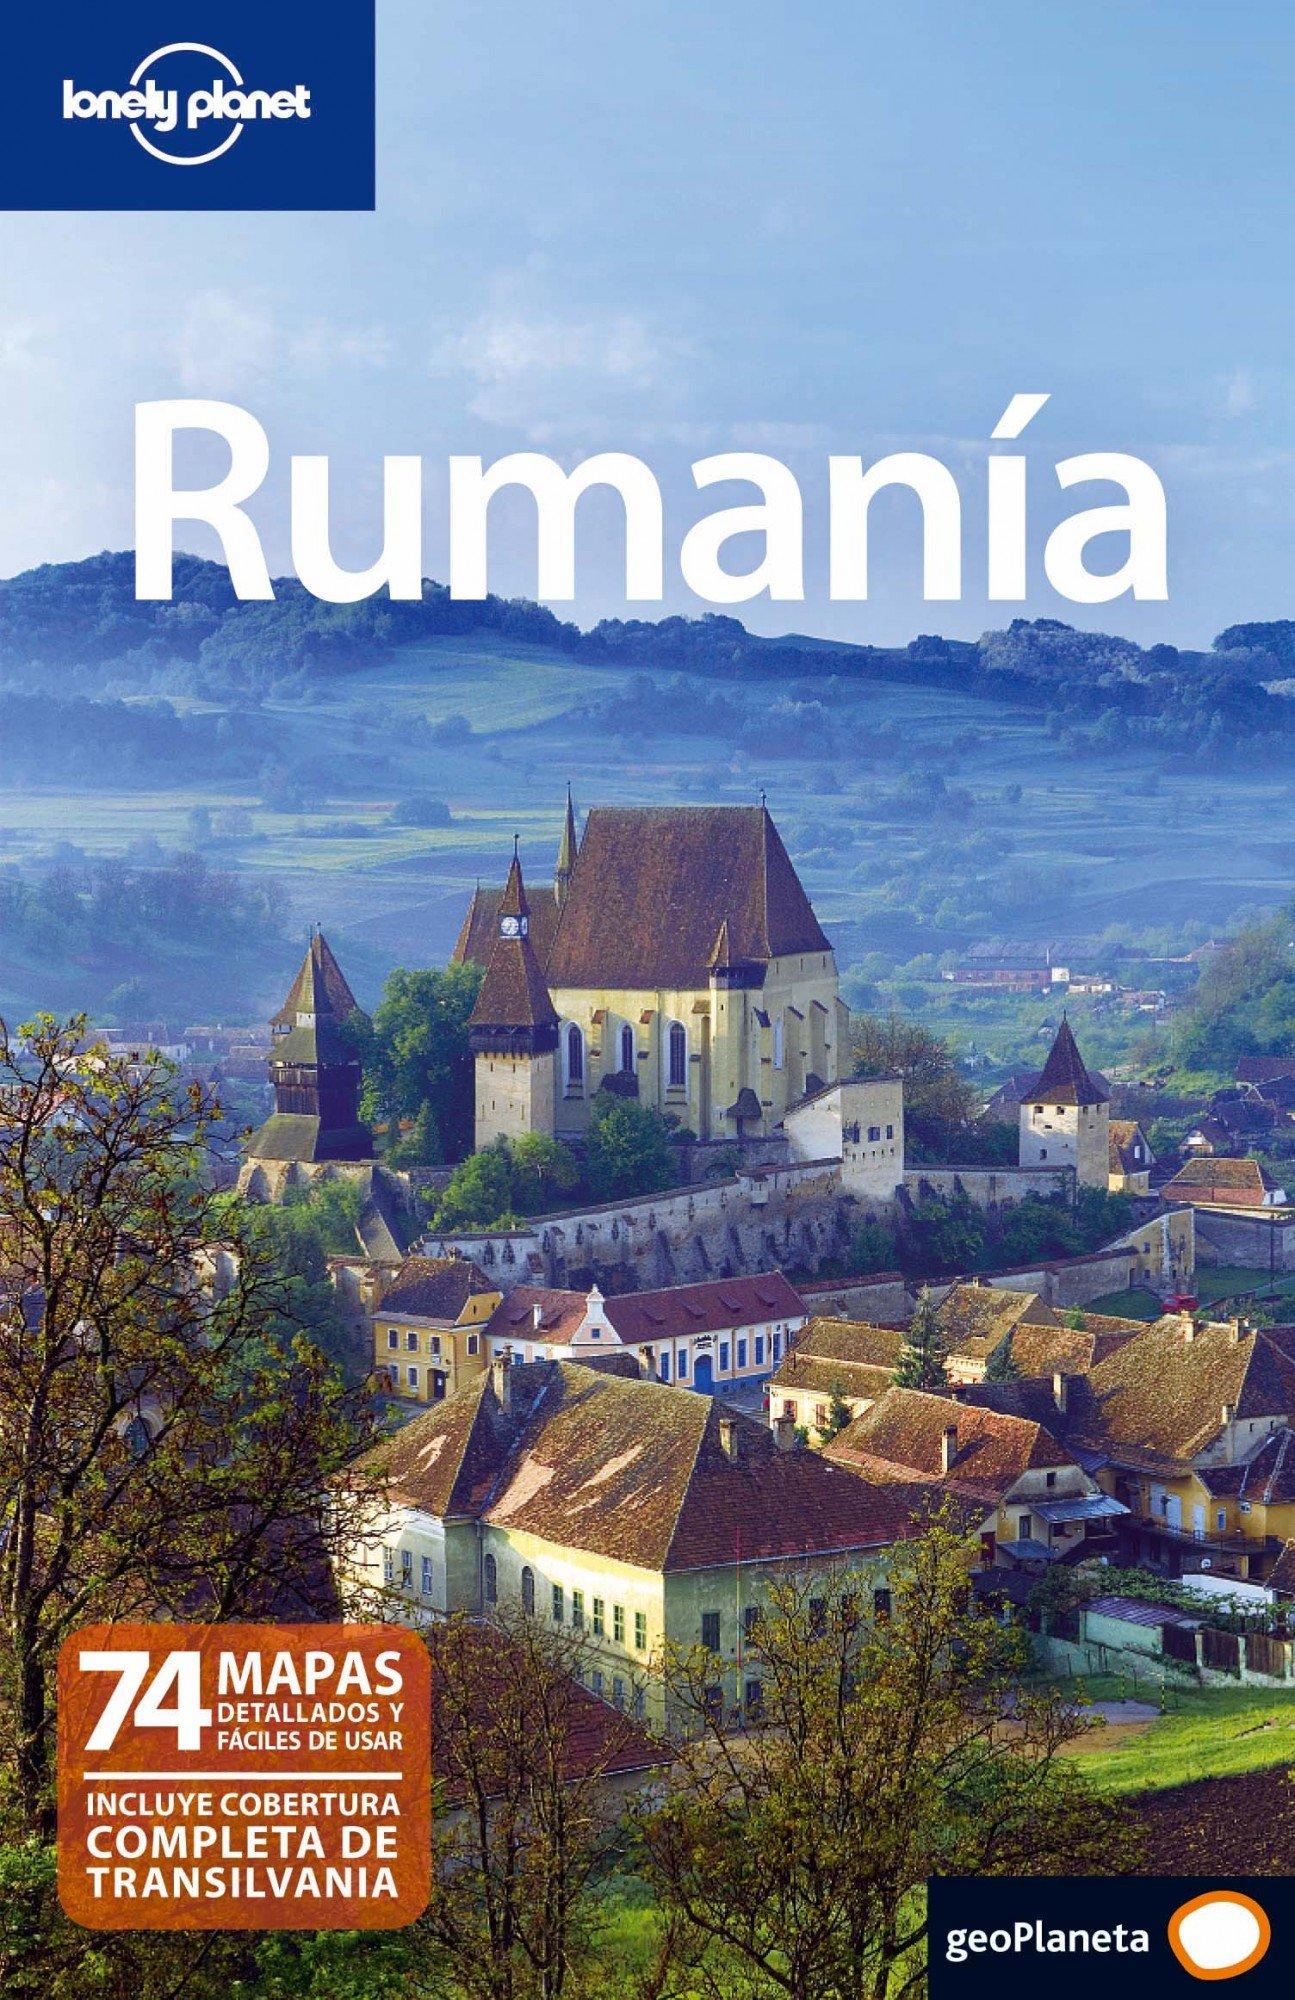 Rumanía 1 (Guías de País Lonely Planet): Amazon.es: Pettersen, Leif, Baker, Mark, Traductores varios: Libros